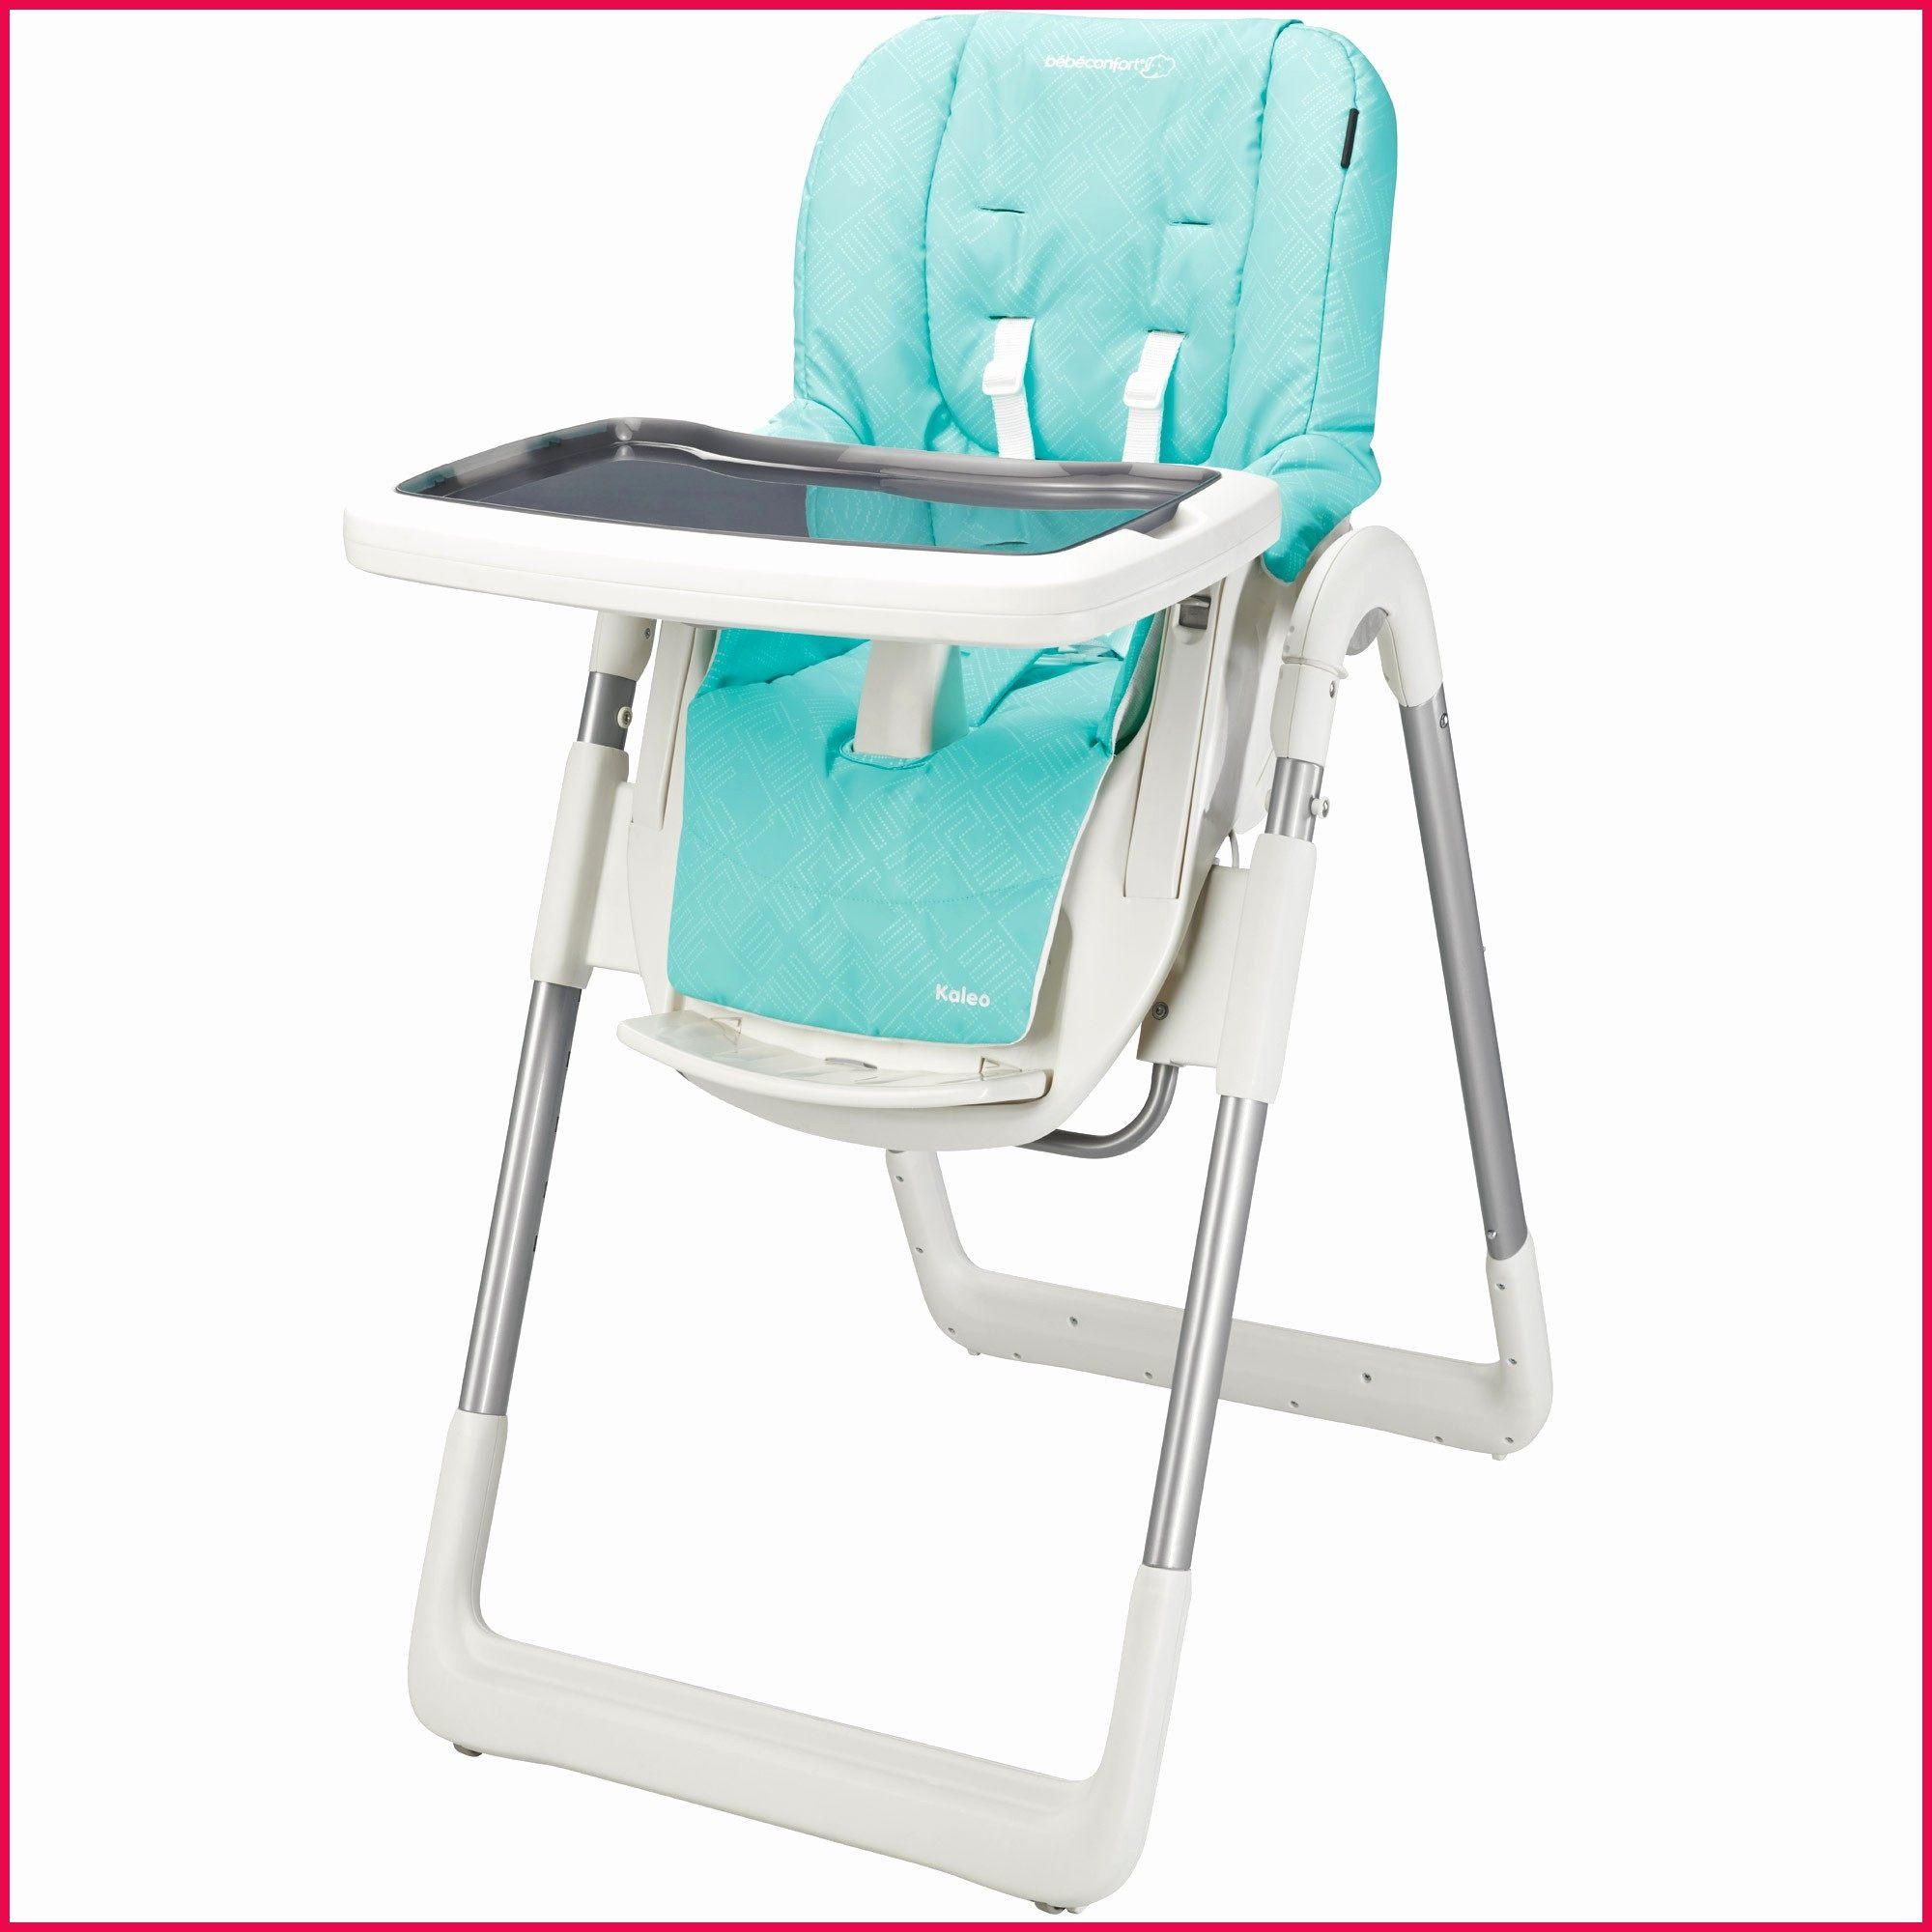 Lit Bébé Scandinave Inspirant Table Chaise Bébé 1 An 13 Beau Meuble Baignoire Bebe Anciendemutu